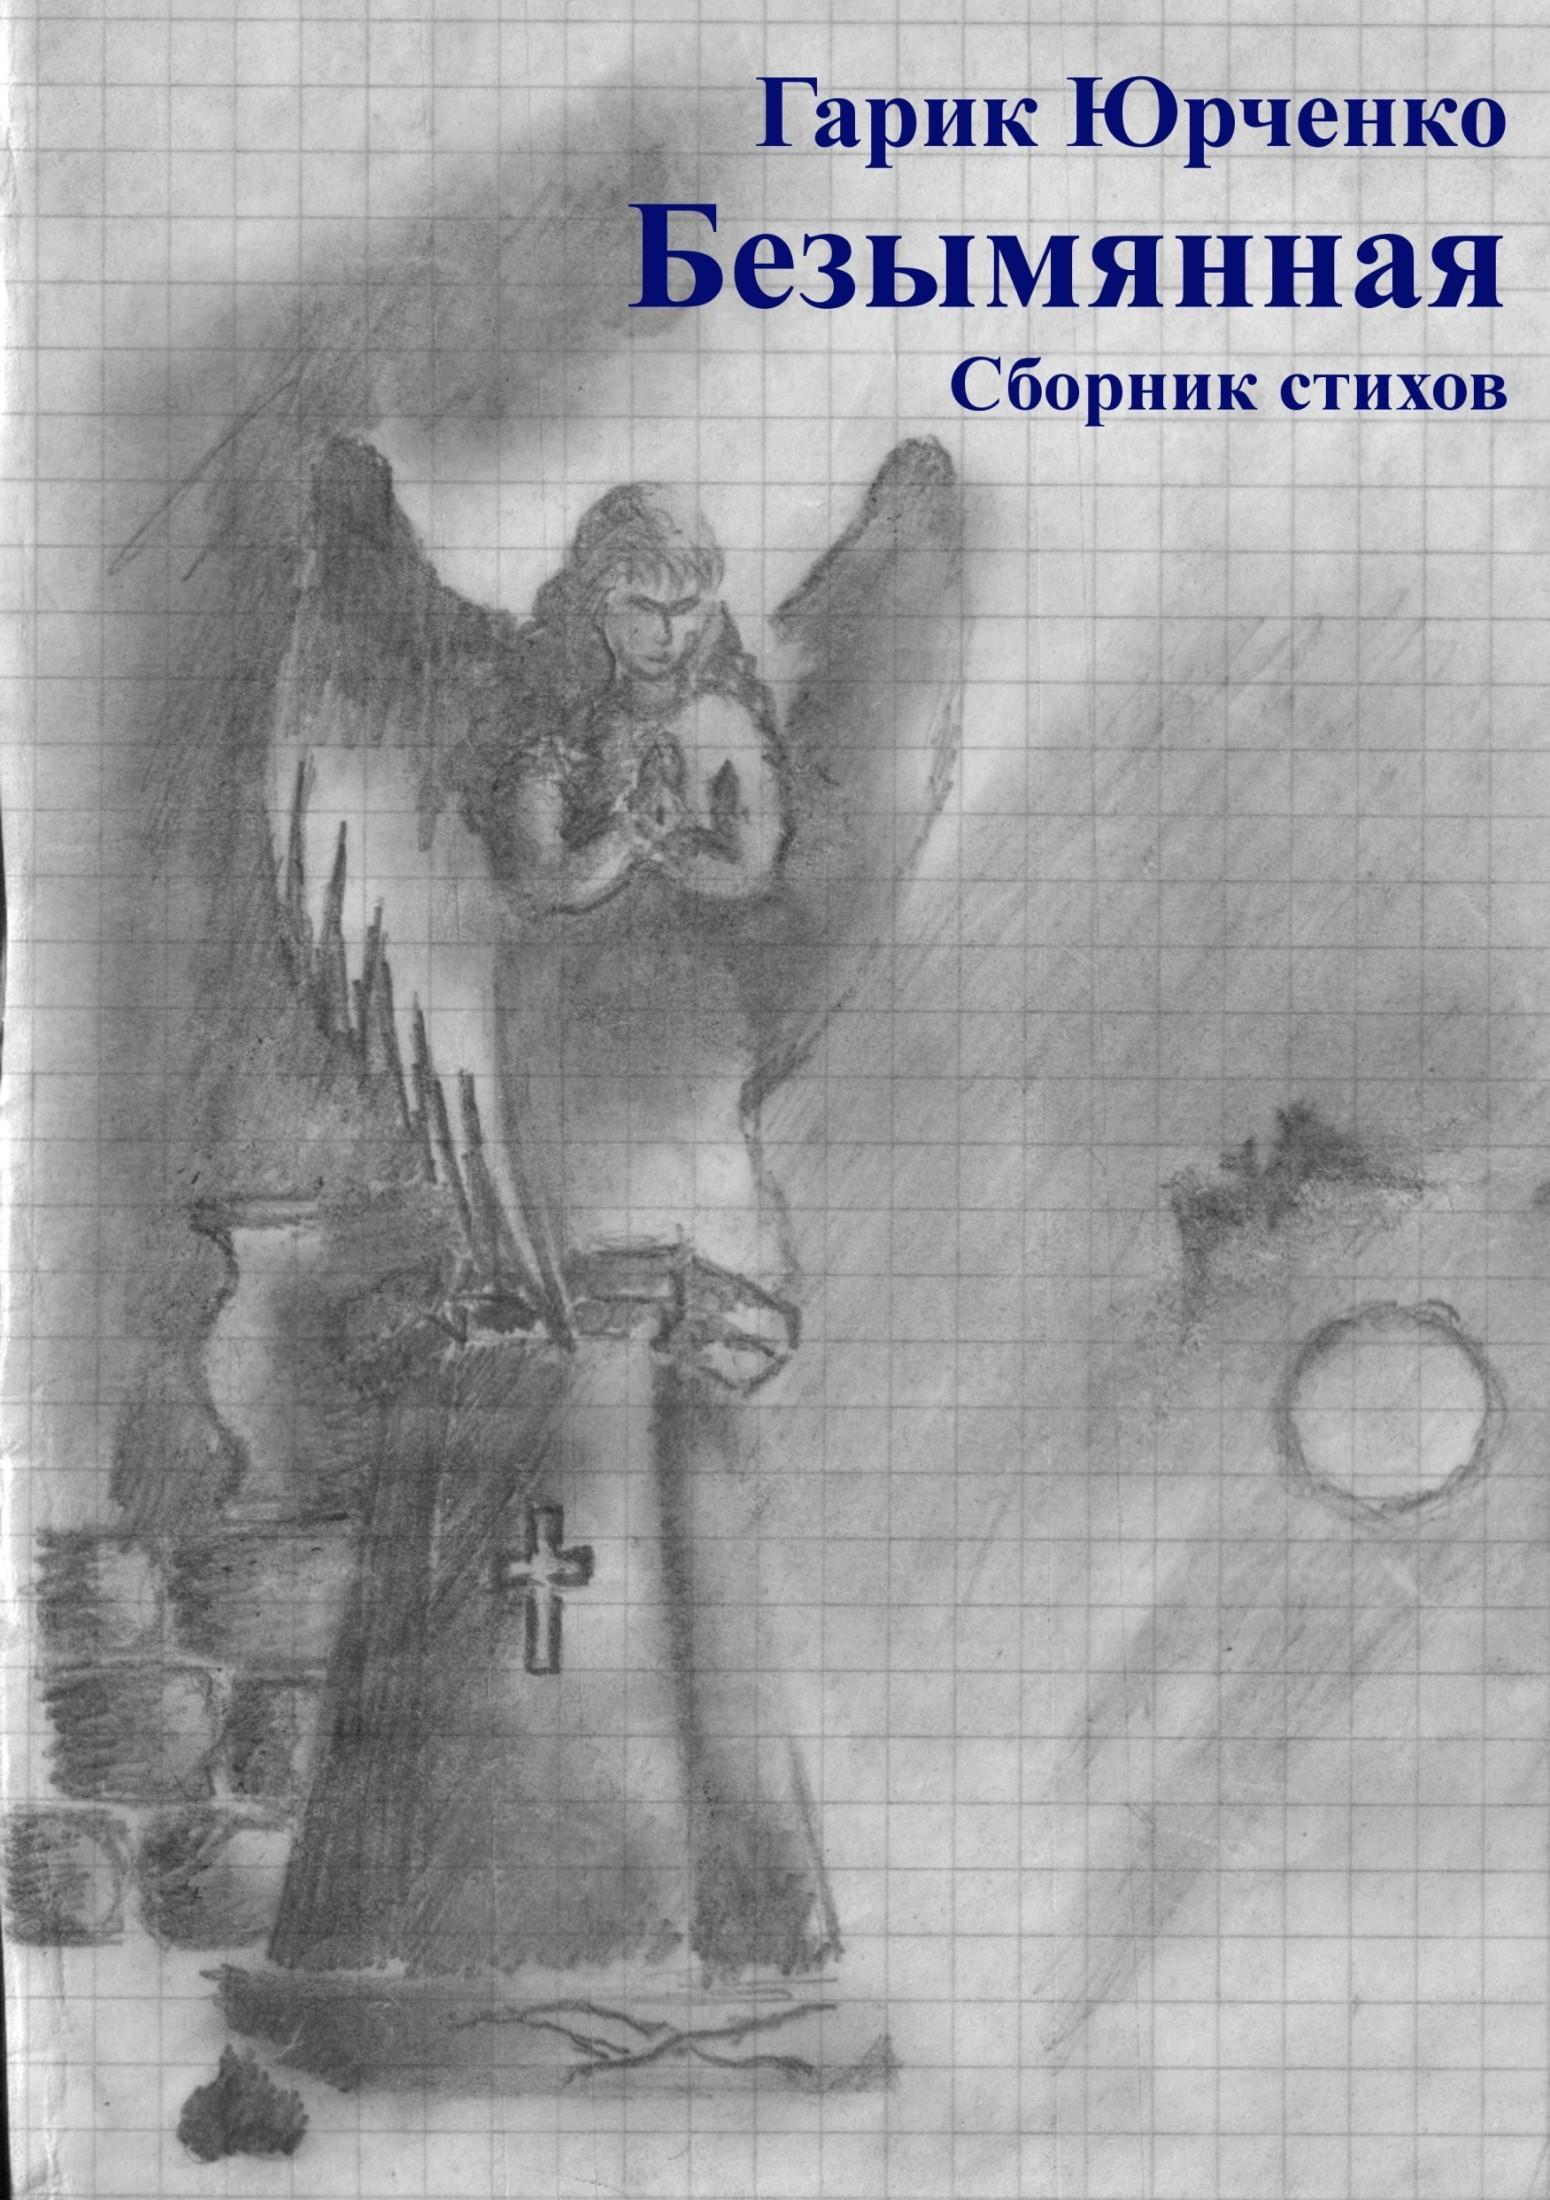 Гарик Юрченко Безымянная. Сборник стихов